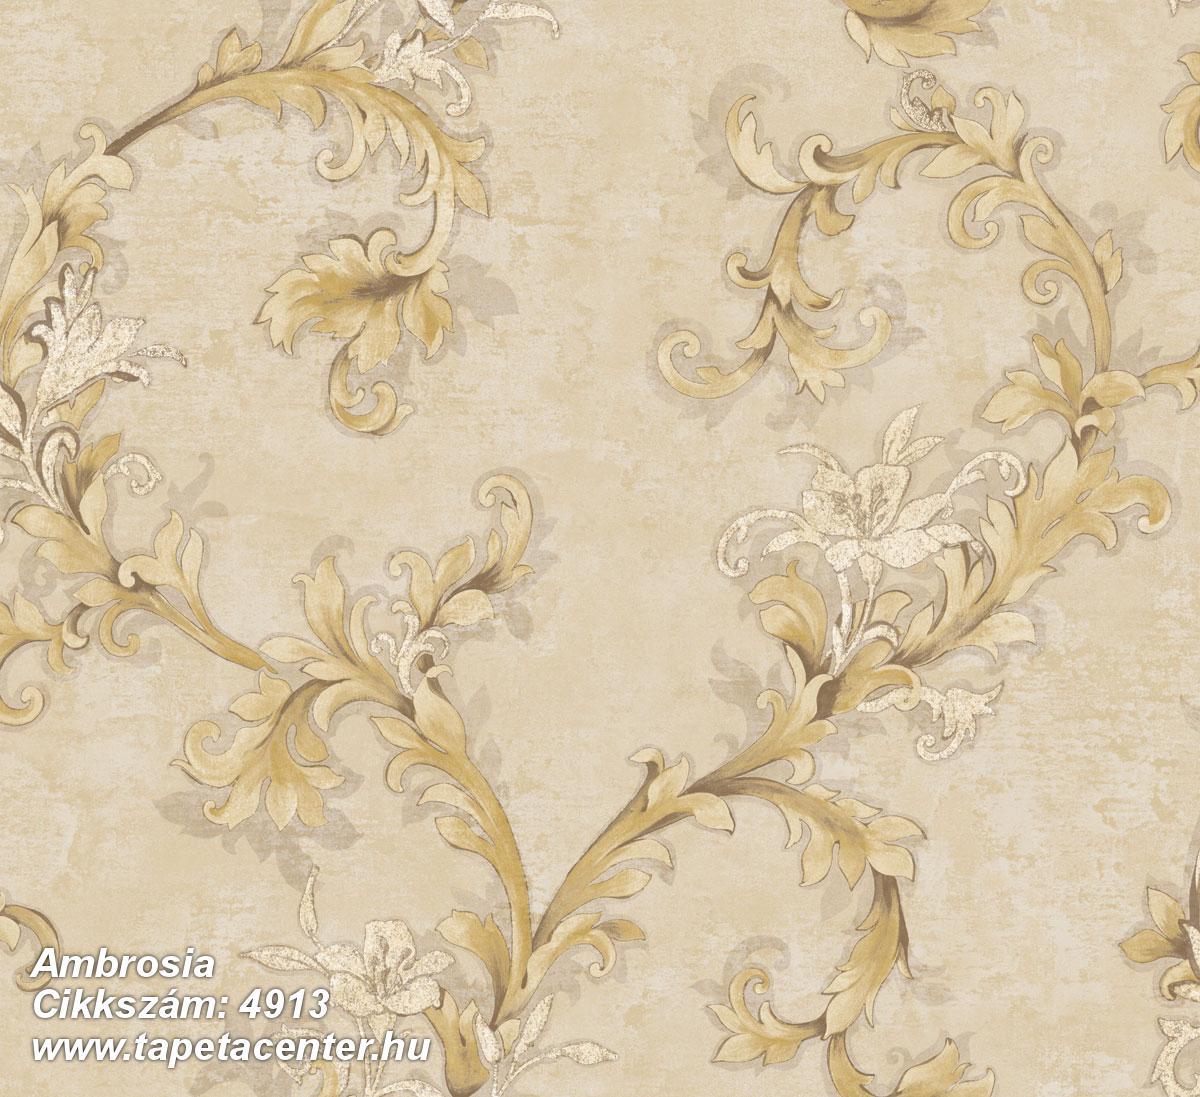 Ambrosia - 4913 Olasz tapéta